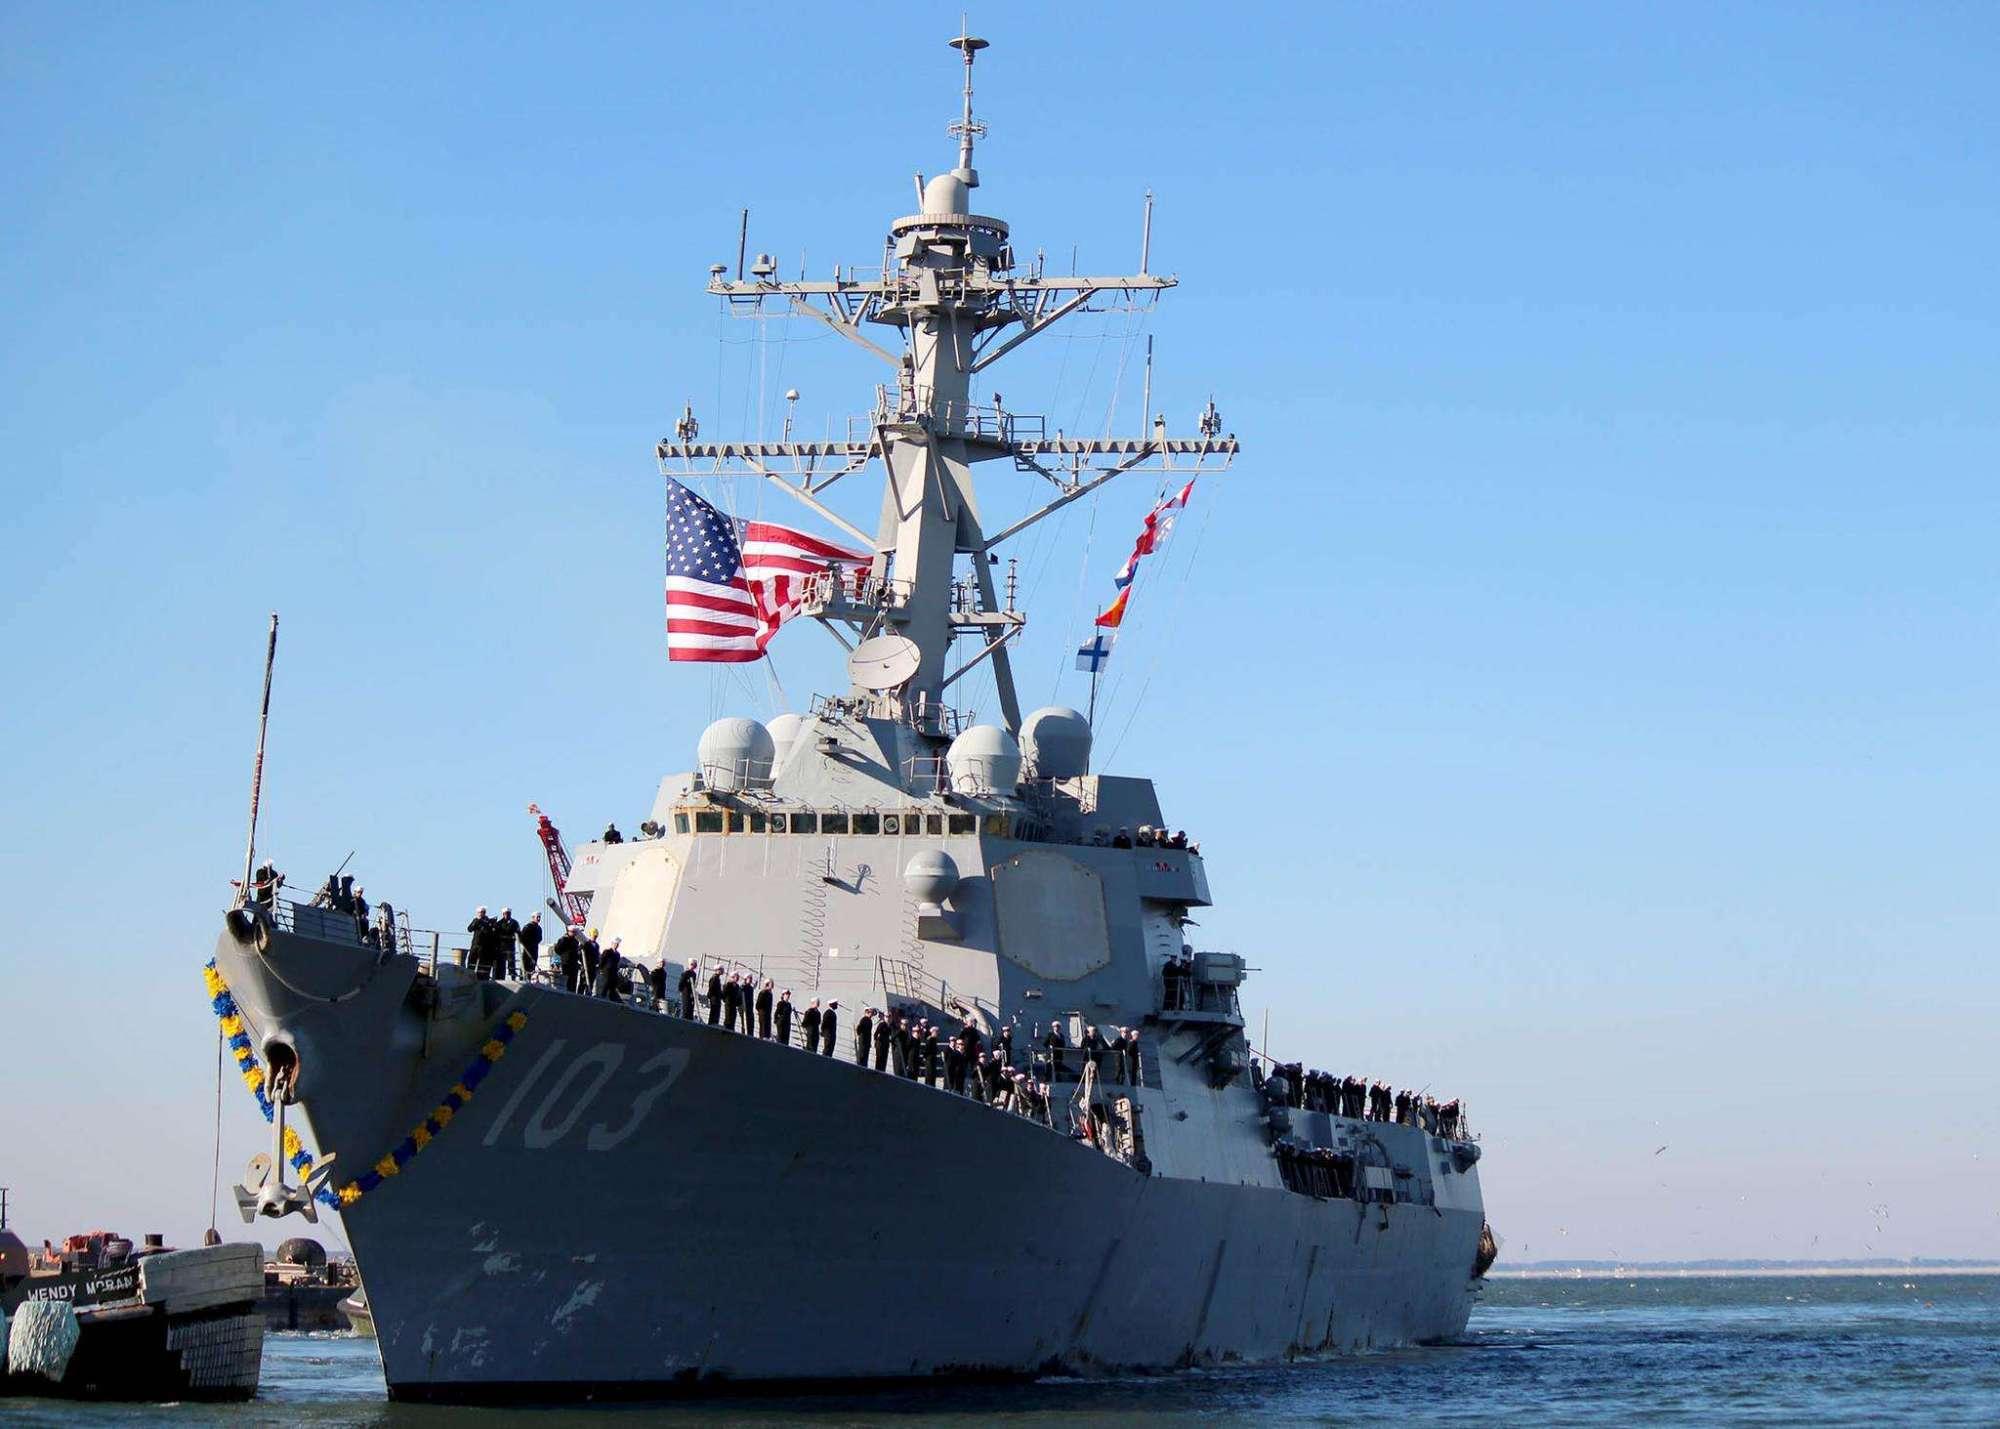 美评选全球最强五大军舰,055大驱只能排第二,第一名是哪款?